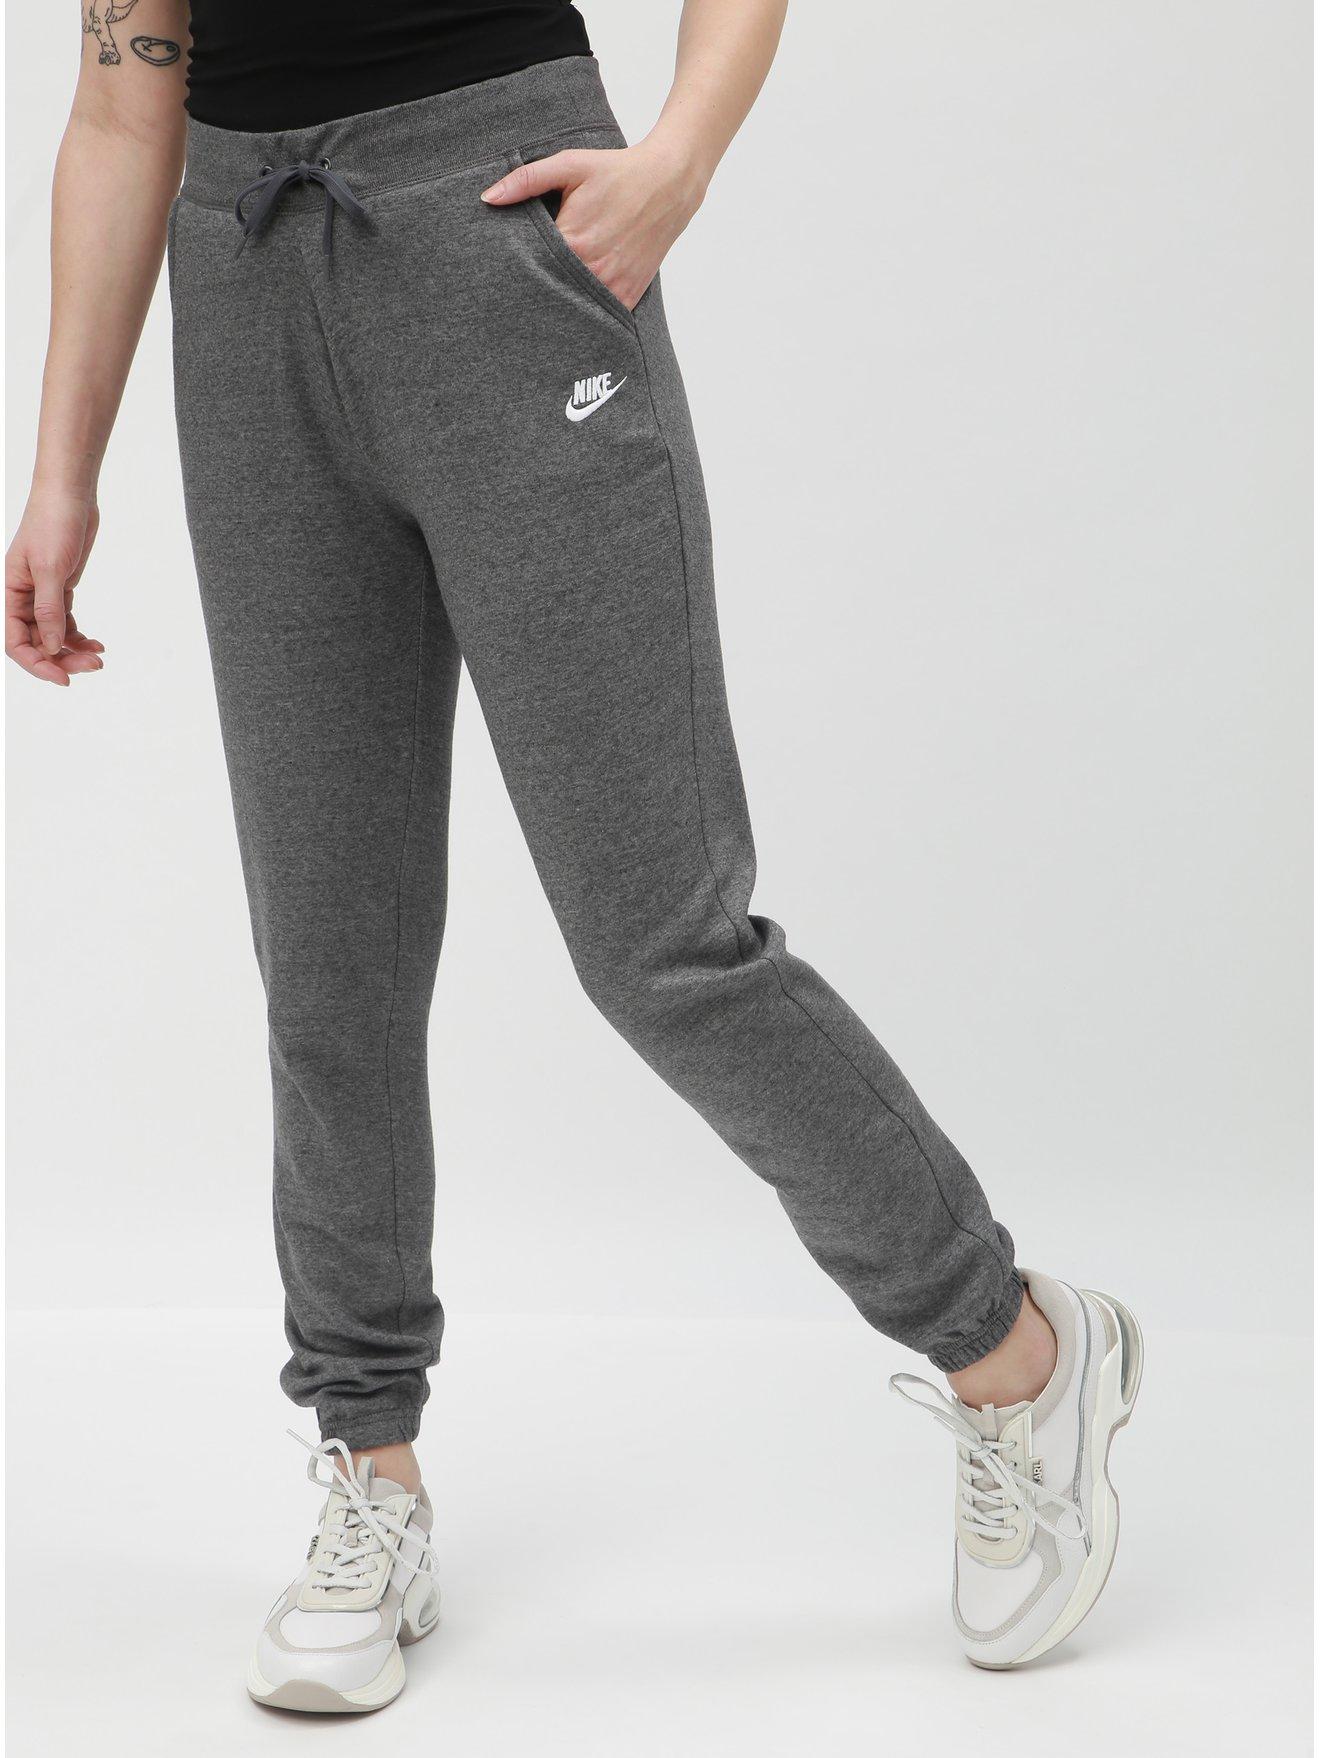 Šedé dámské žíhané tepláky Nike 778b2c5f45